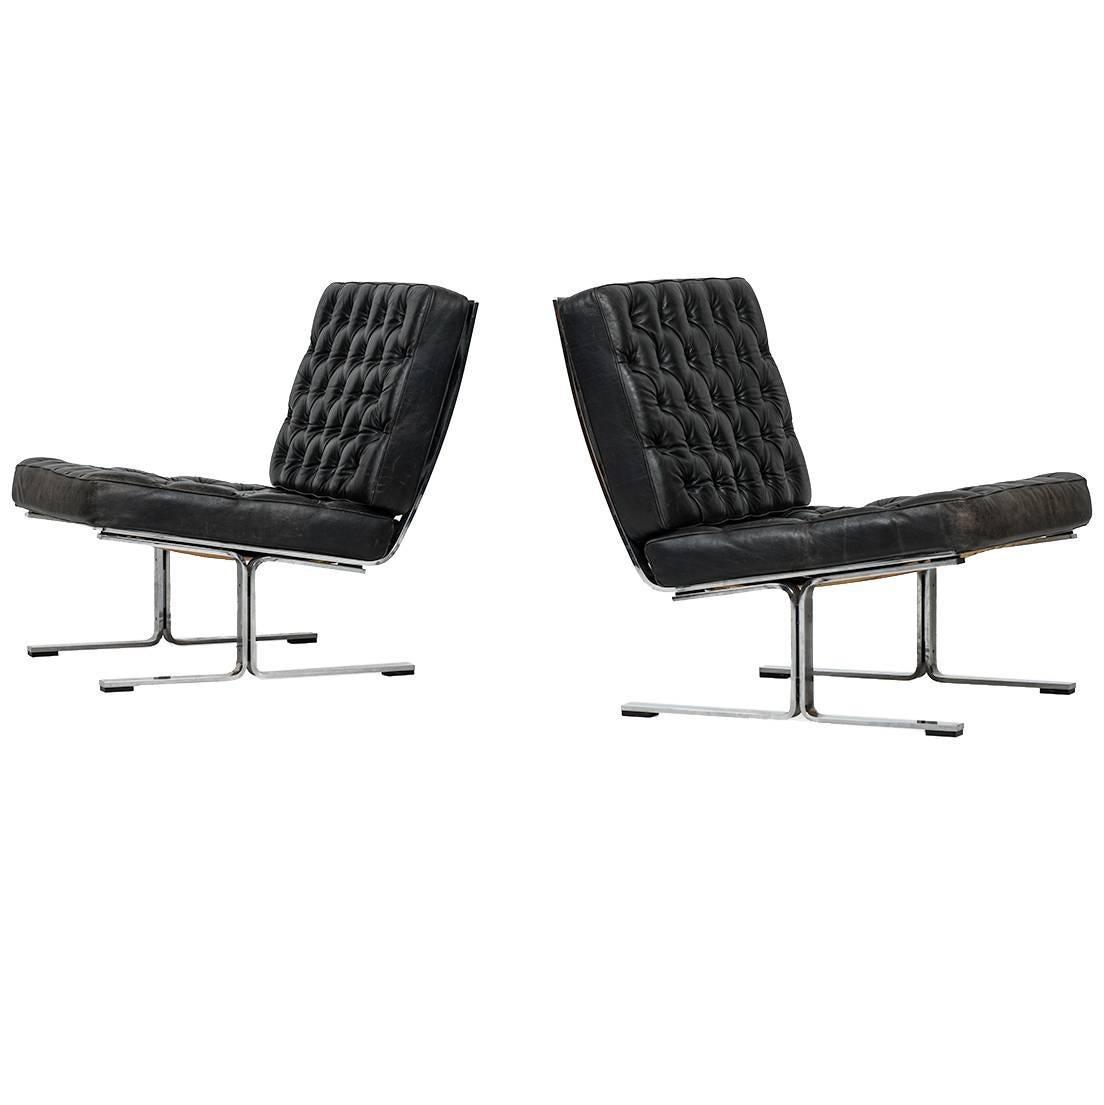 Karl-Erik Ekselius Easy Chairs Model F60 by Joc in Sweden